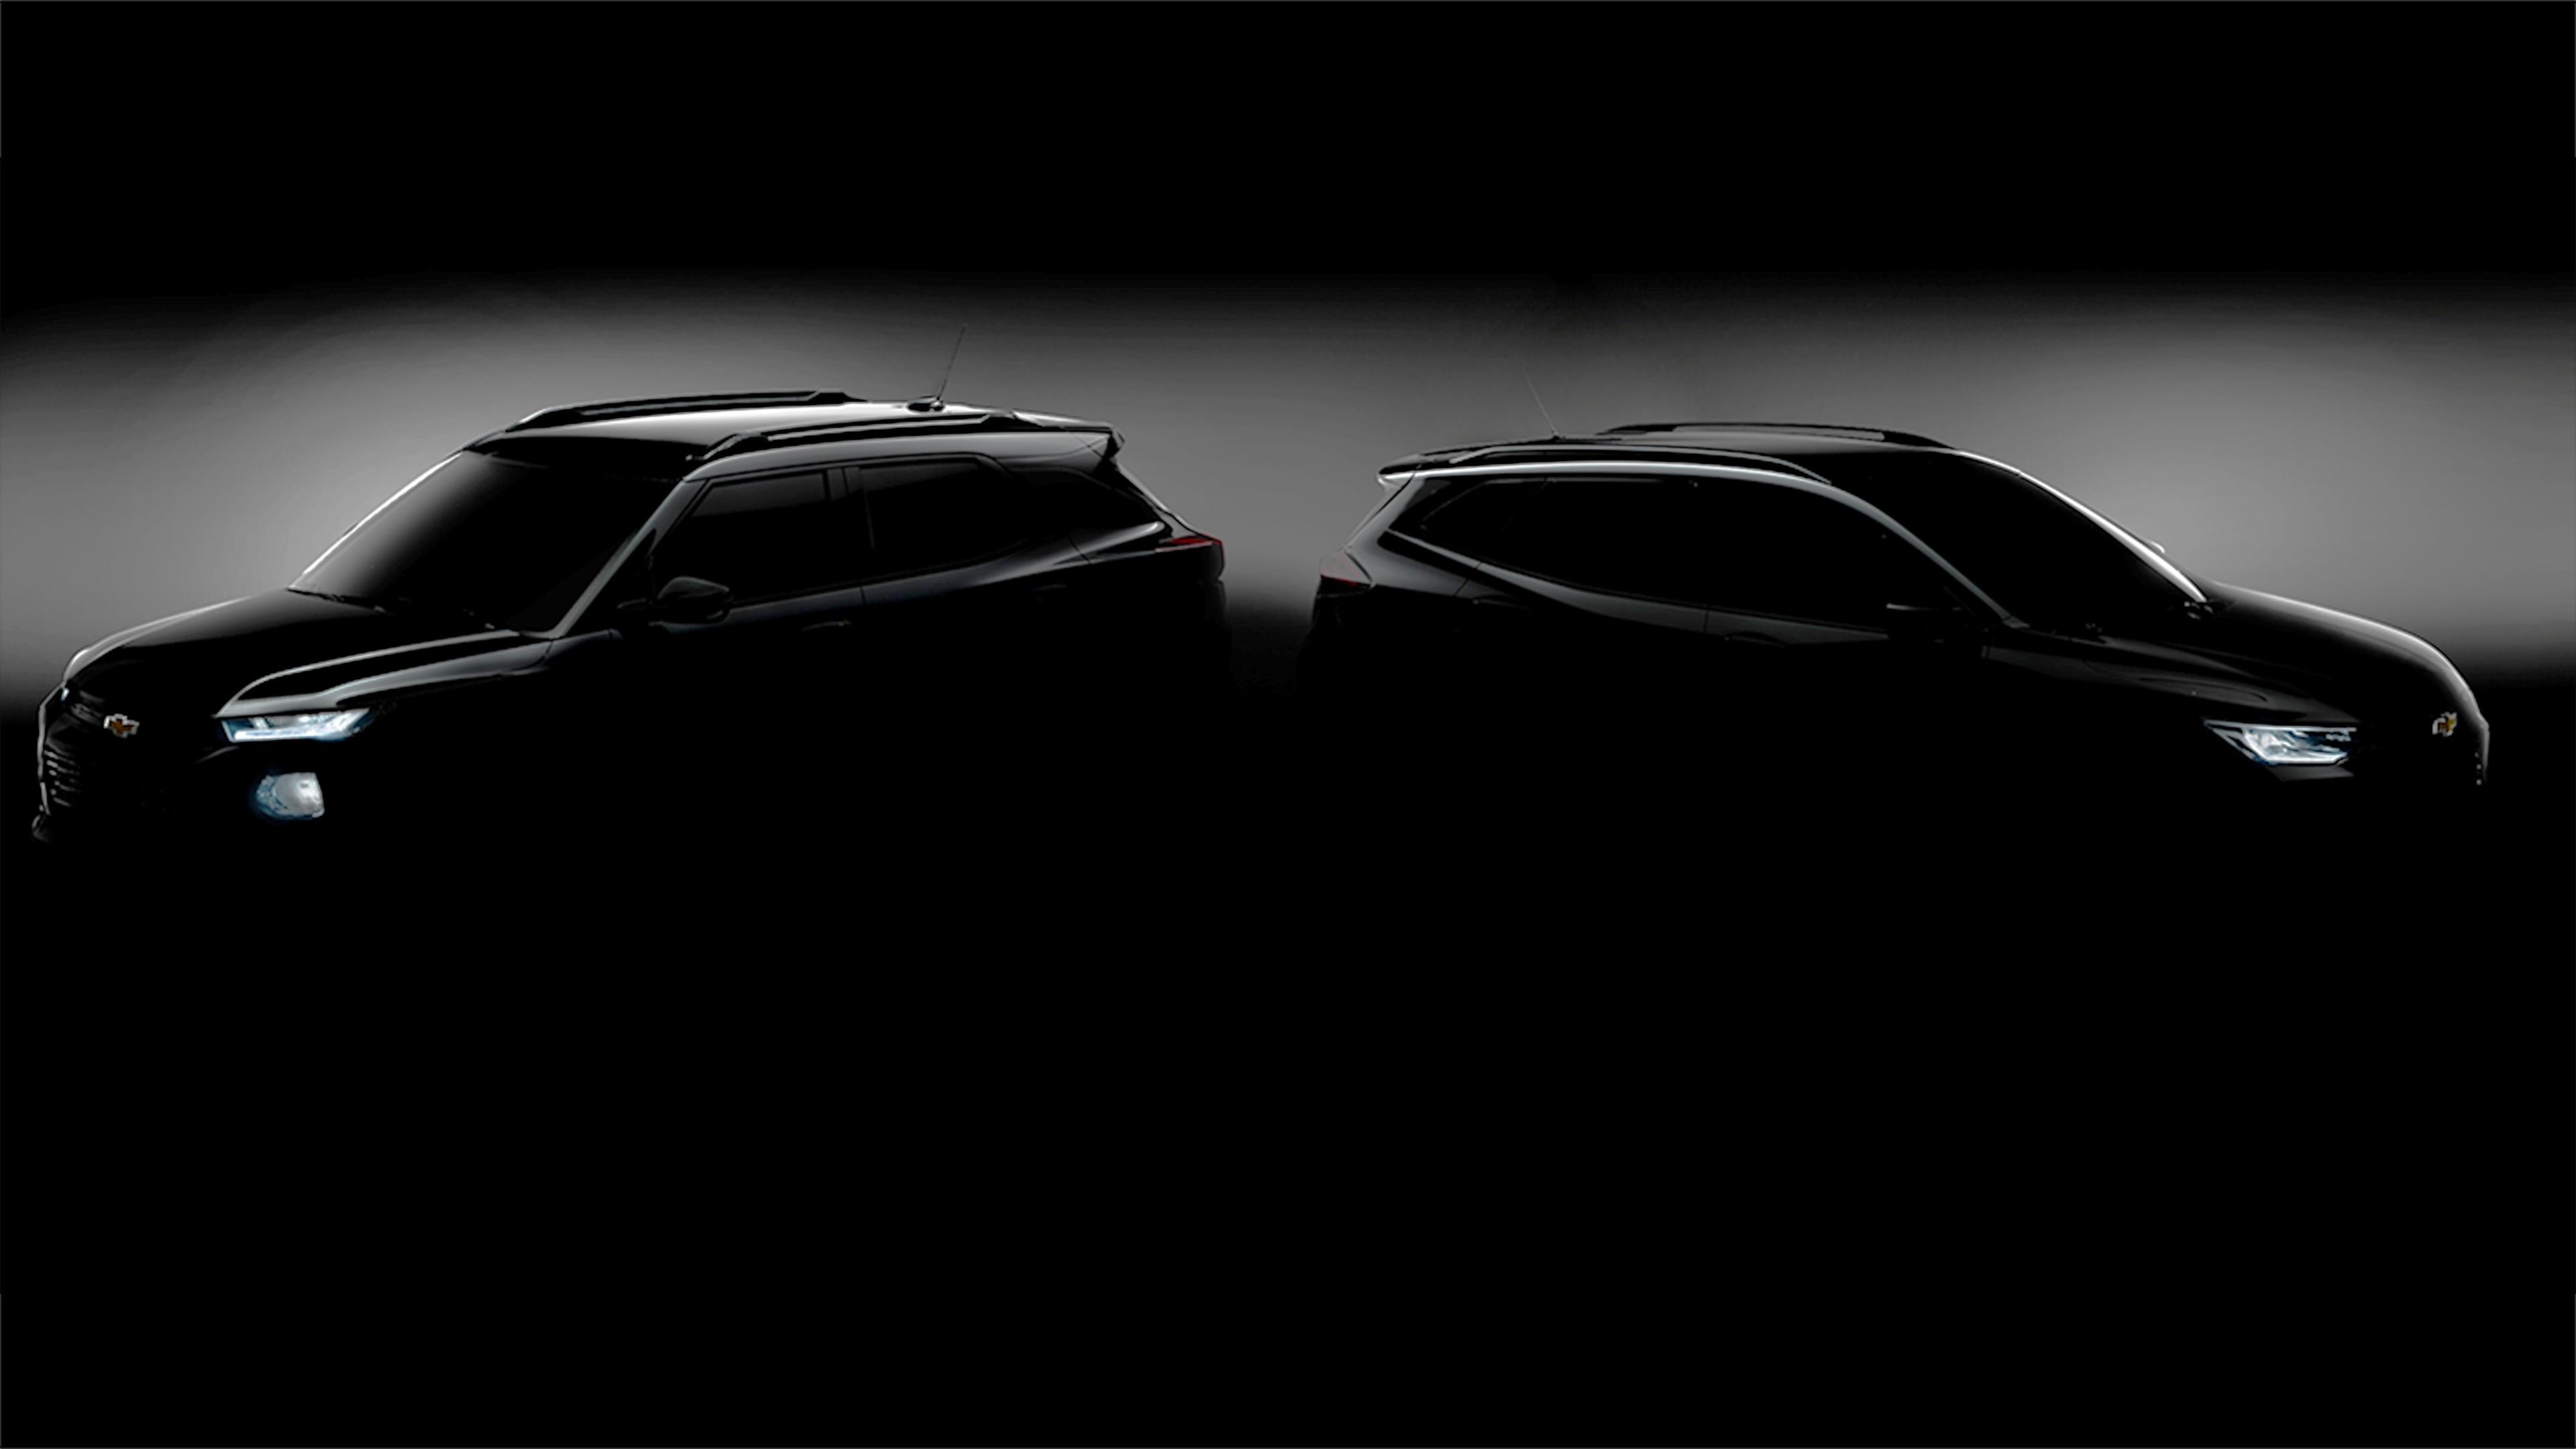 Chevrolet Trailblazer And Tracker Teaser